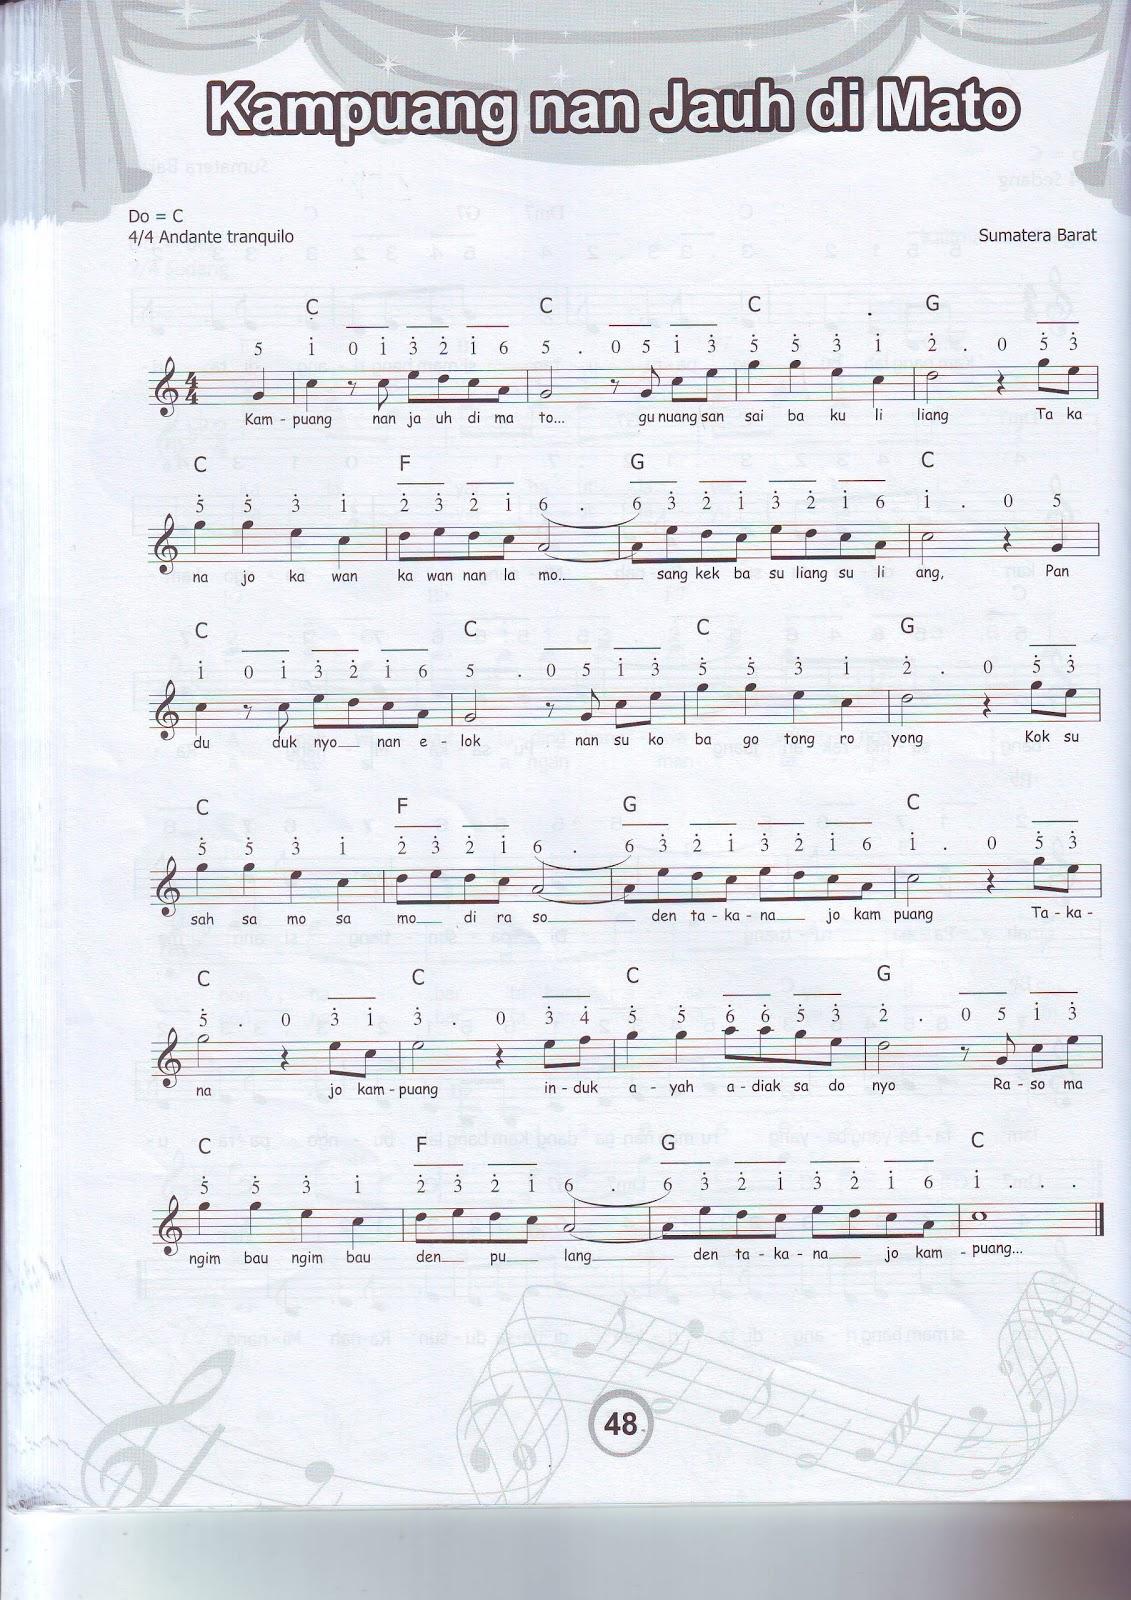 ... Pelangi Nusa: Not Balok dan Angka, Lagu: